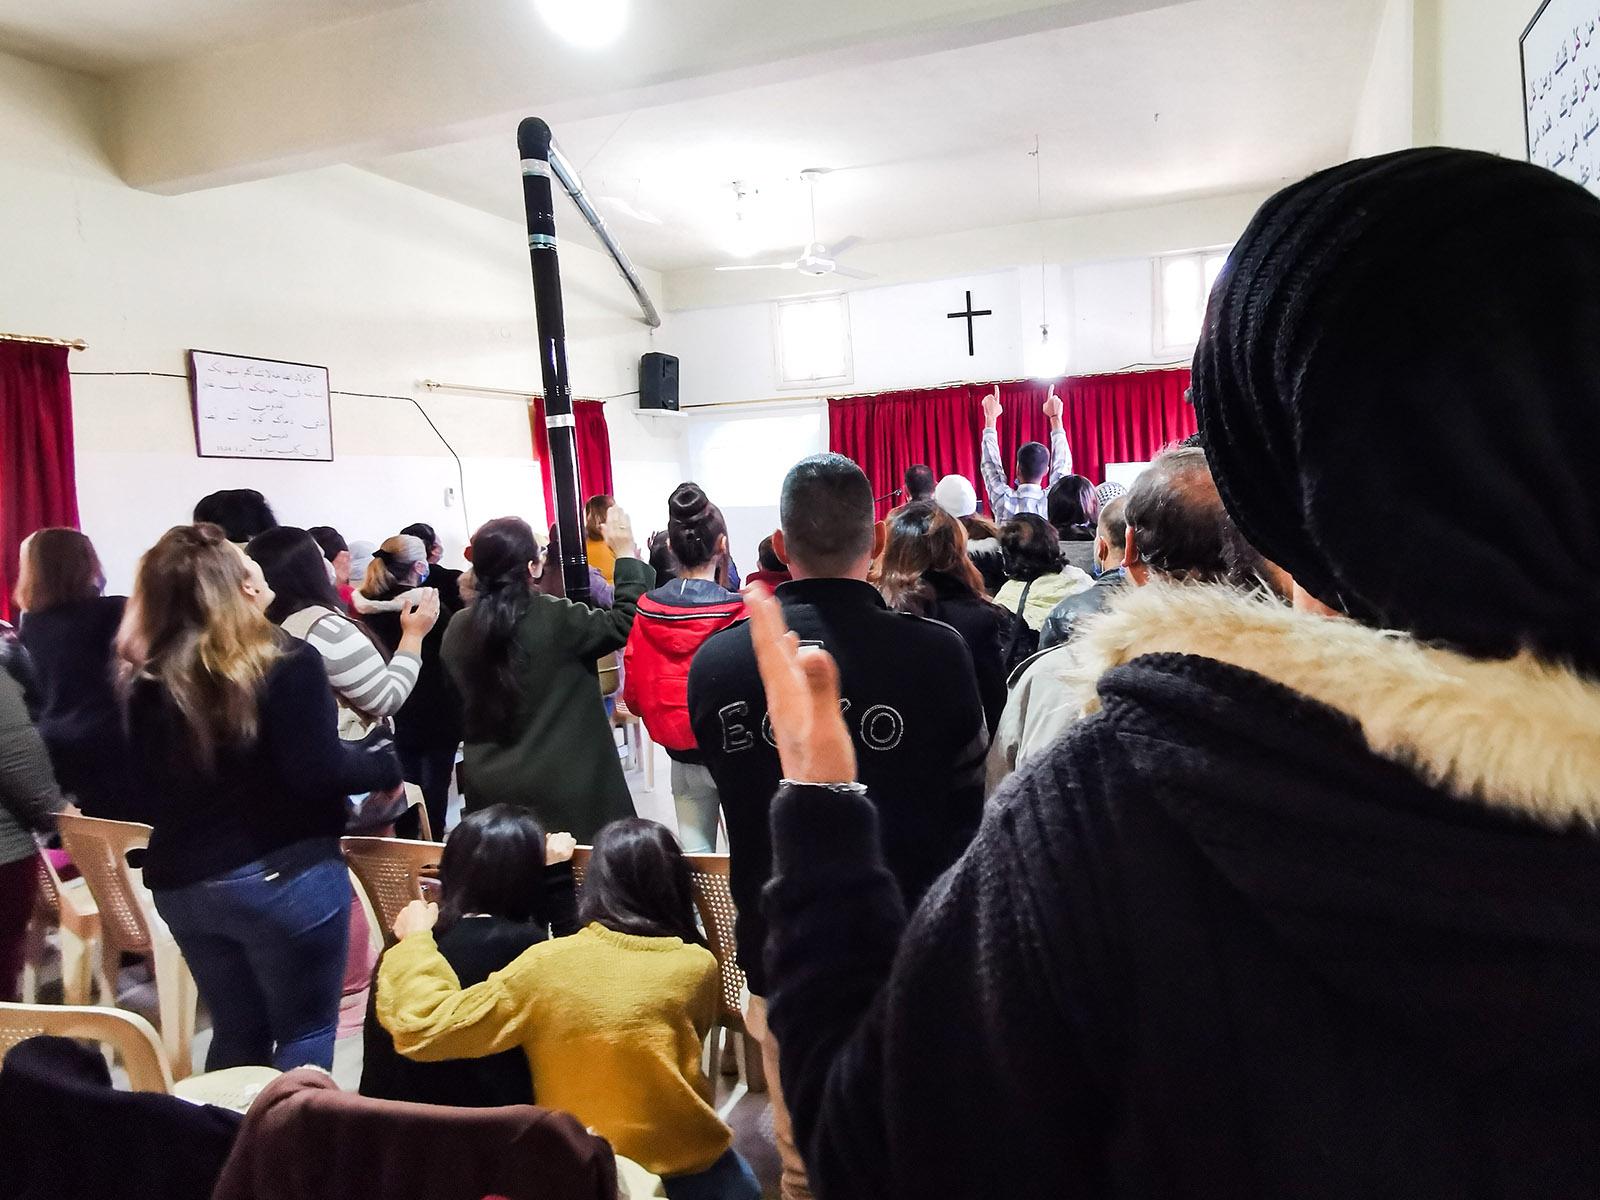 Syyrialaiset seurakunnat ovat muuttumassa Toivon keskuksiksi, jotka tarjoavat tuhon jälkeen Kristuksen antaman toivon asuinalueensa ihmisille.